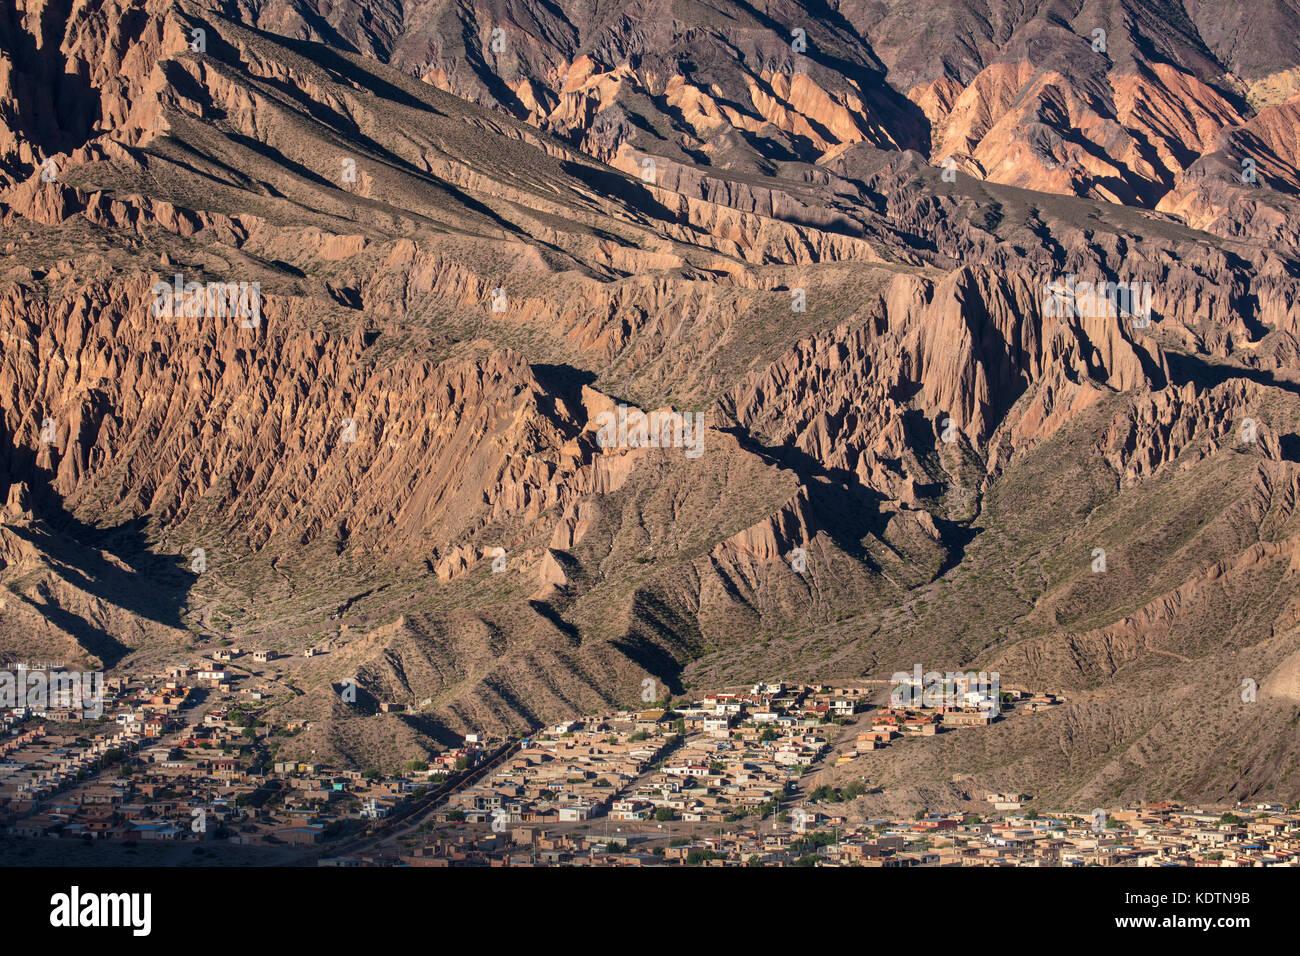 I colori nelle montagne della Quebrada de Humahuaca nr tilcara, provincia di Jujuy, Argentina Immagini Stock